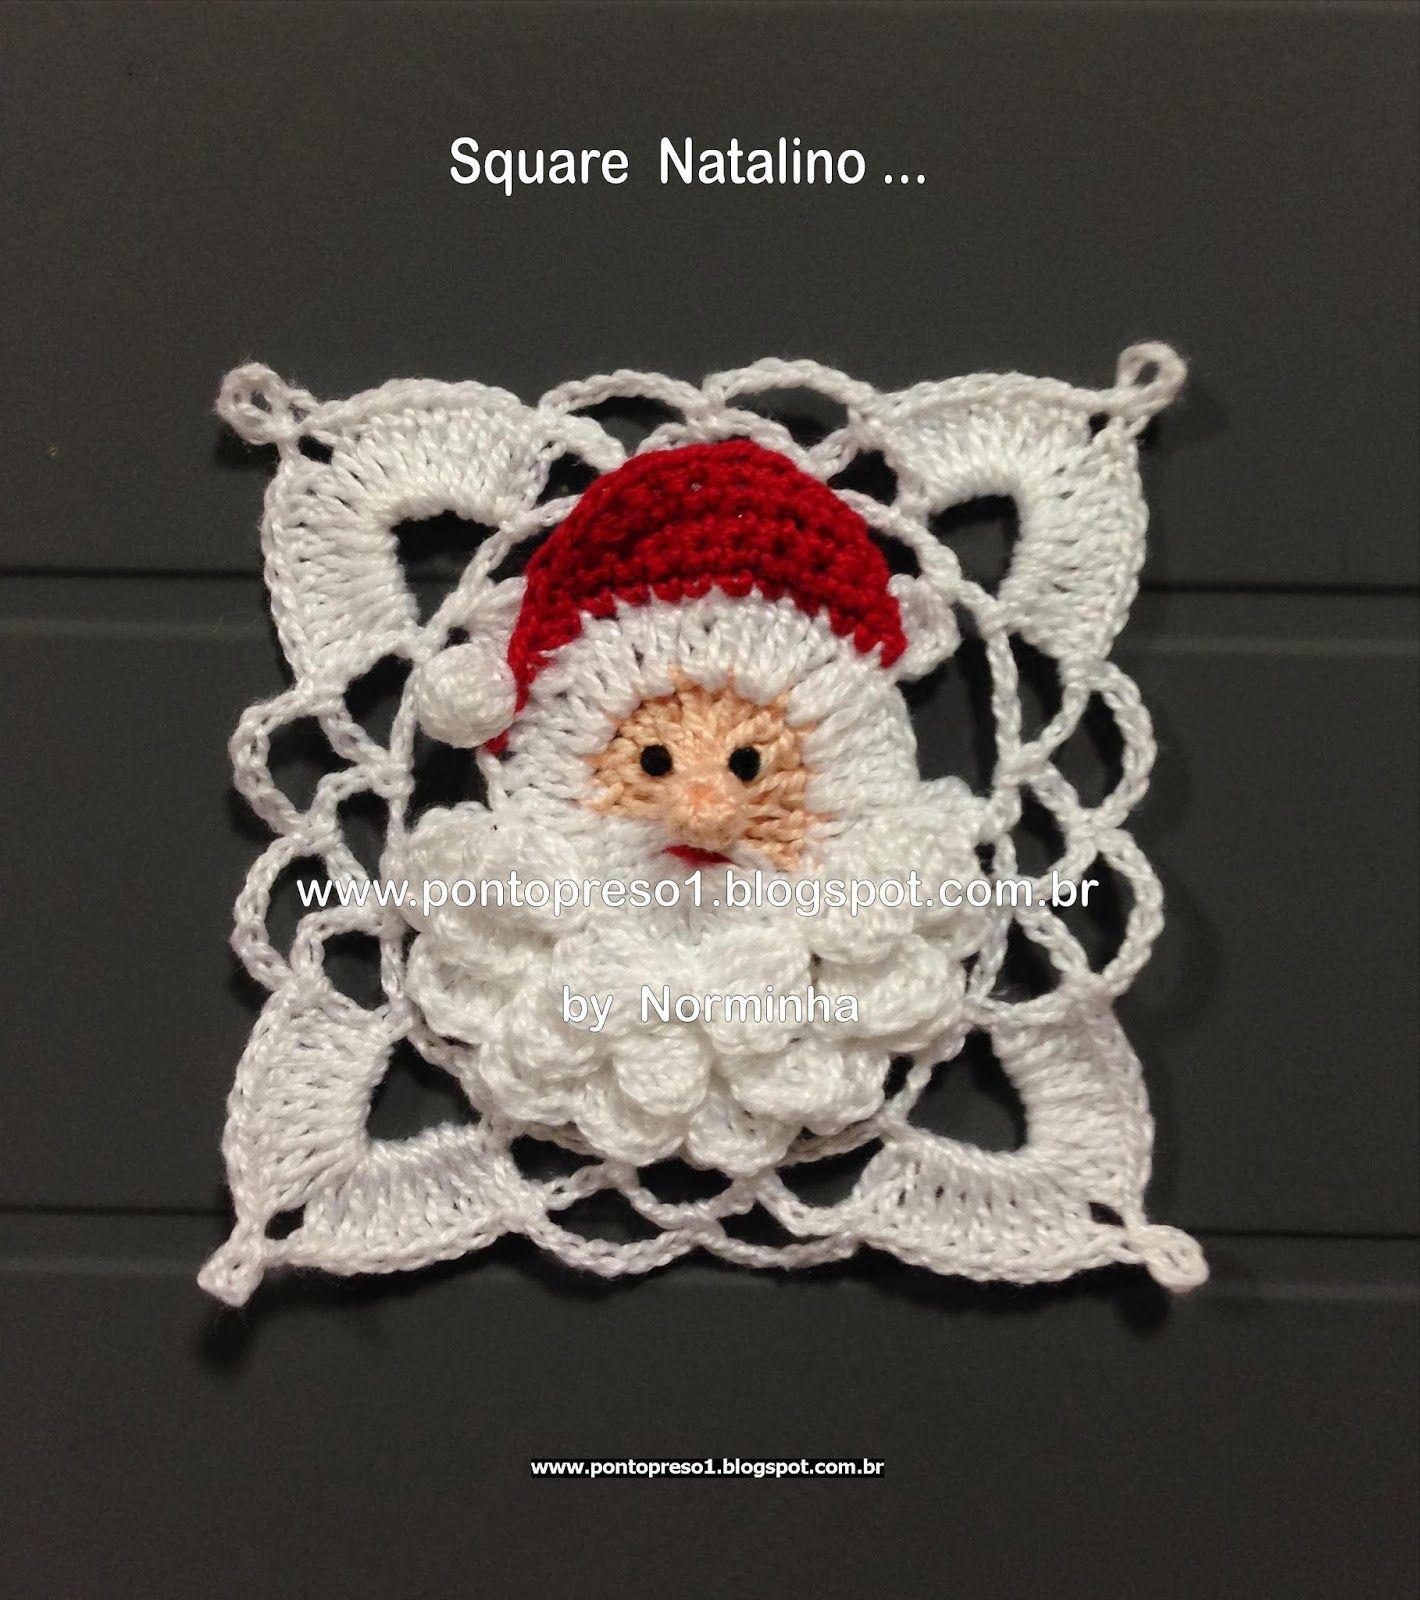 NATAL+SquareNoel+FT.jpg 1,420×1,600 pixels